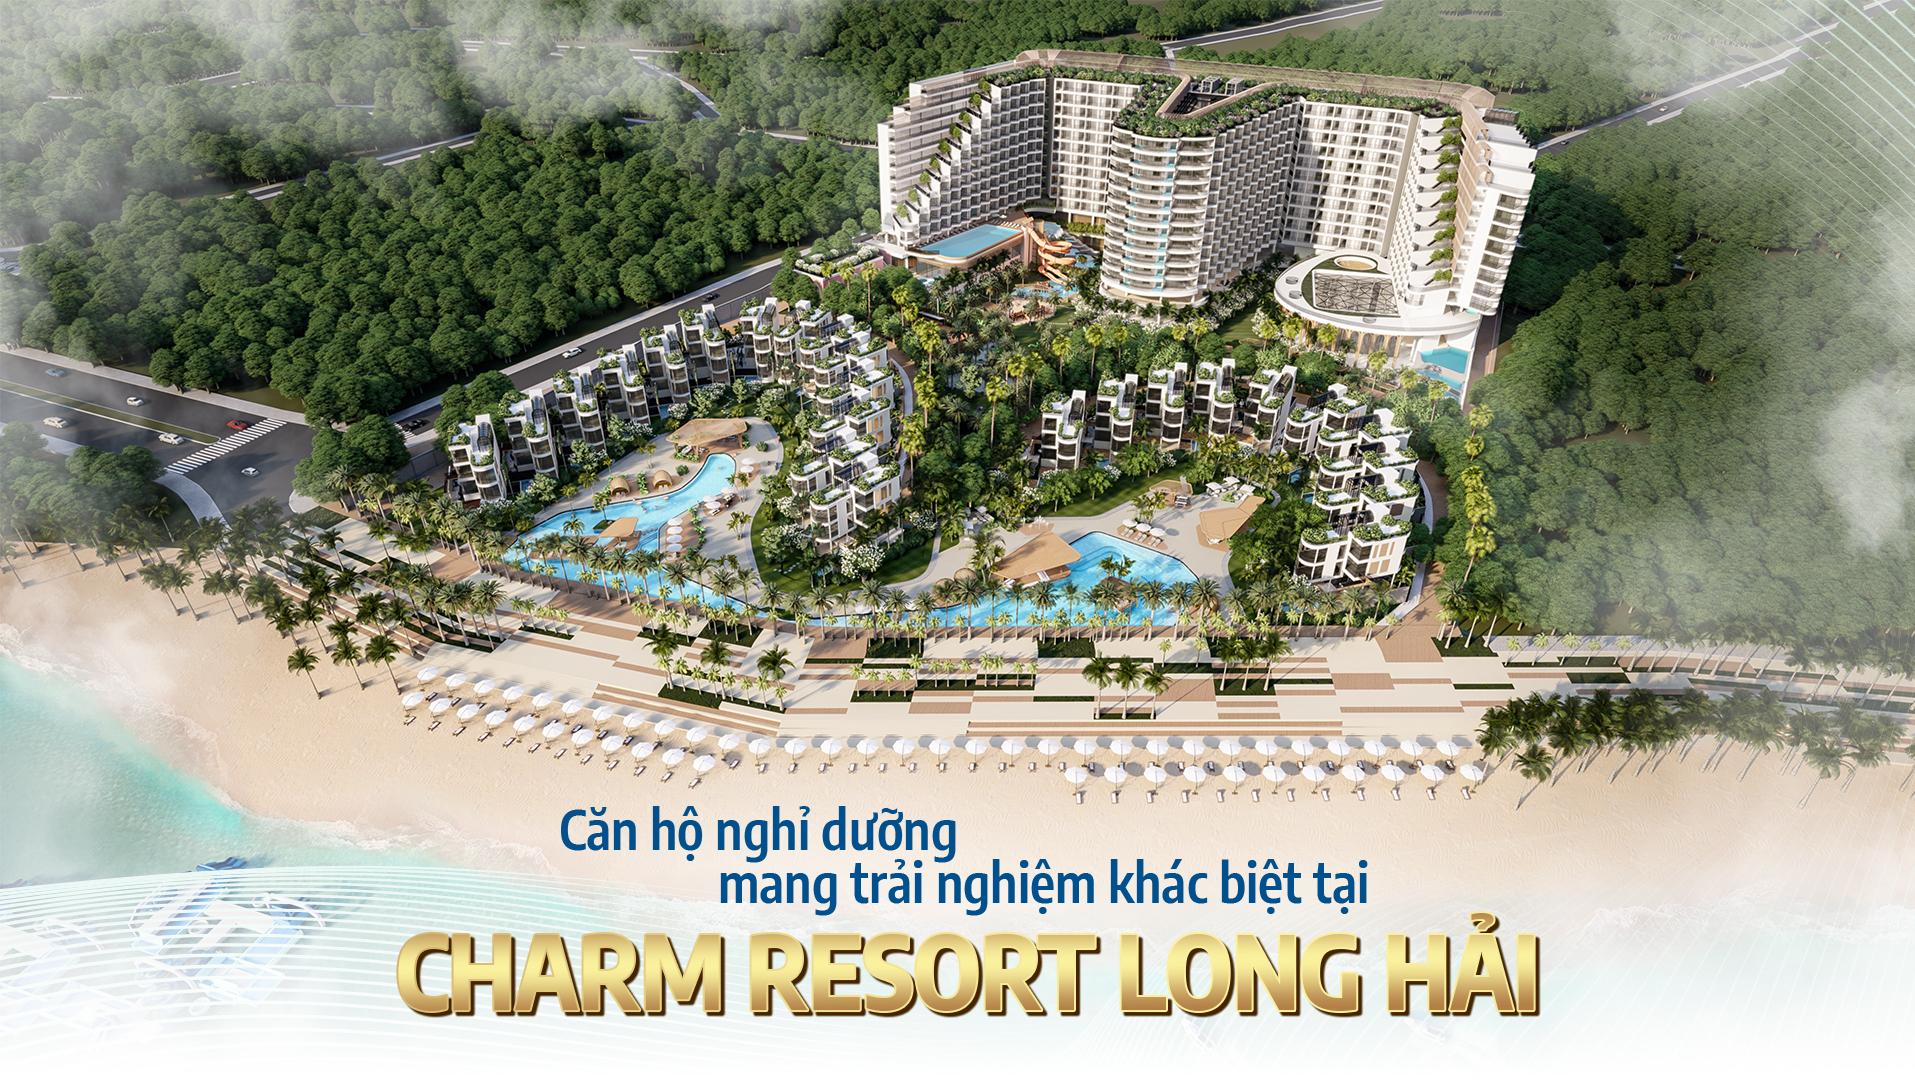 Căn hộ nghỉ dưỡng mang trải nghiệm khác biệt tại Charm Resort Long Hải 1